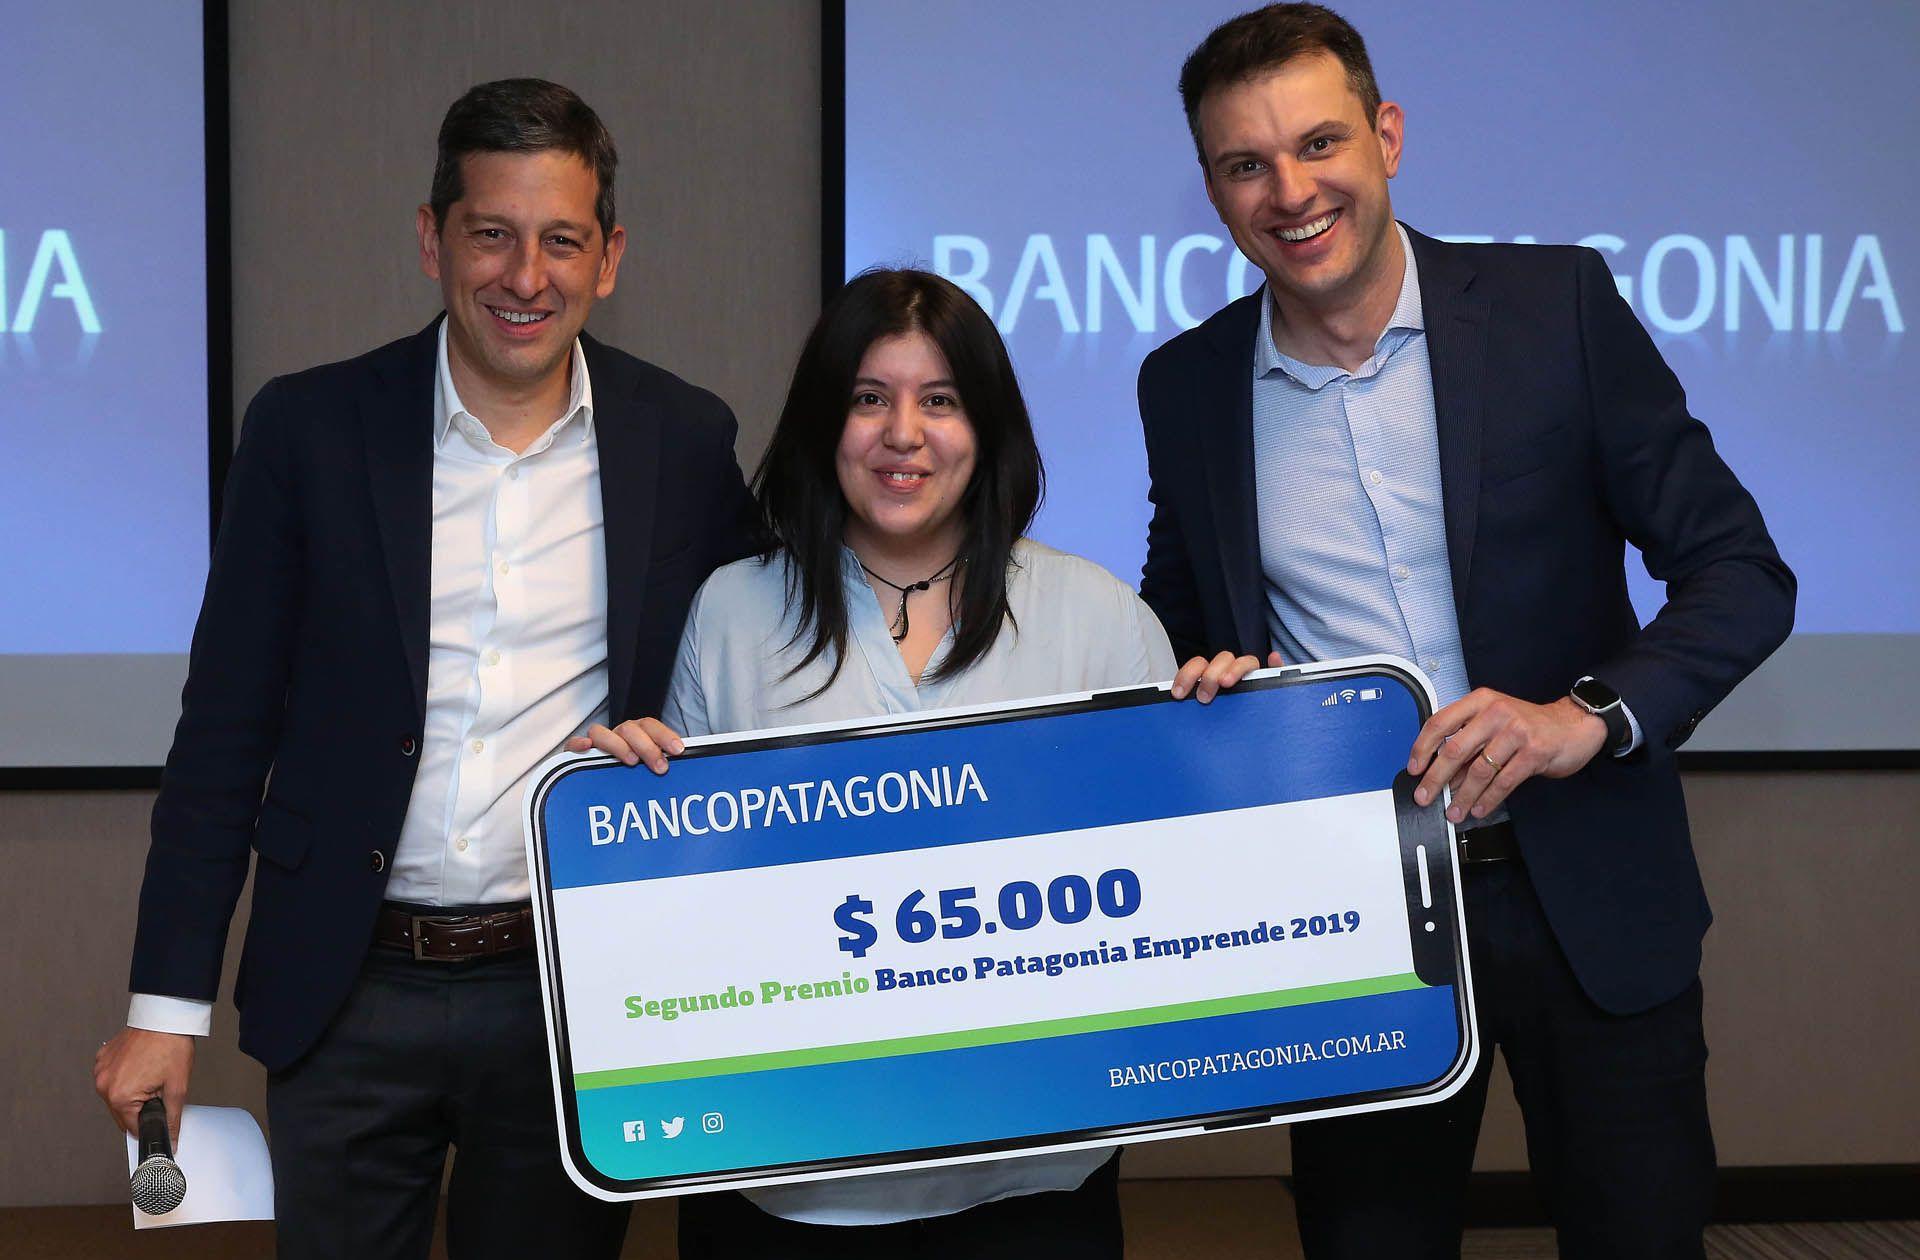 """""""Gestorapp"""" se quedó con el segundo puesto de """"Banco Patagonia Emprende"""". Recibió el premio por parte de Juan Trejo, CFO de Banco Patagonia; y Otacilio Magalhaes, superintendente de Negocios Digitales"""